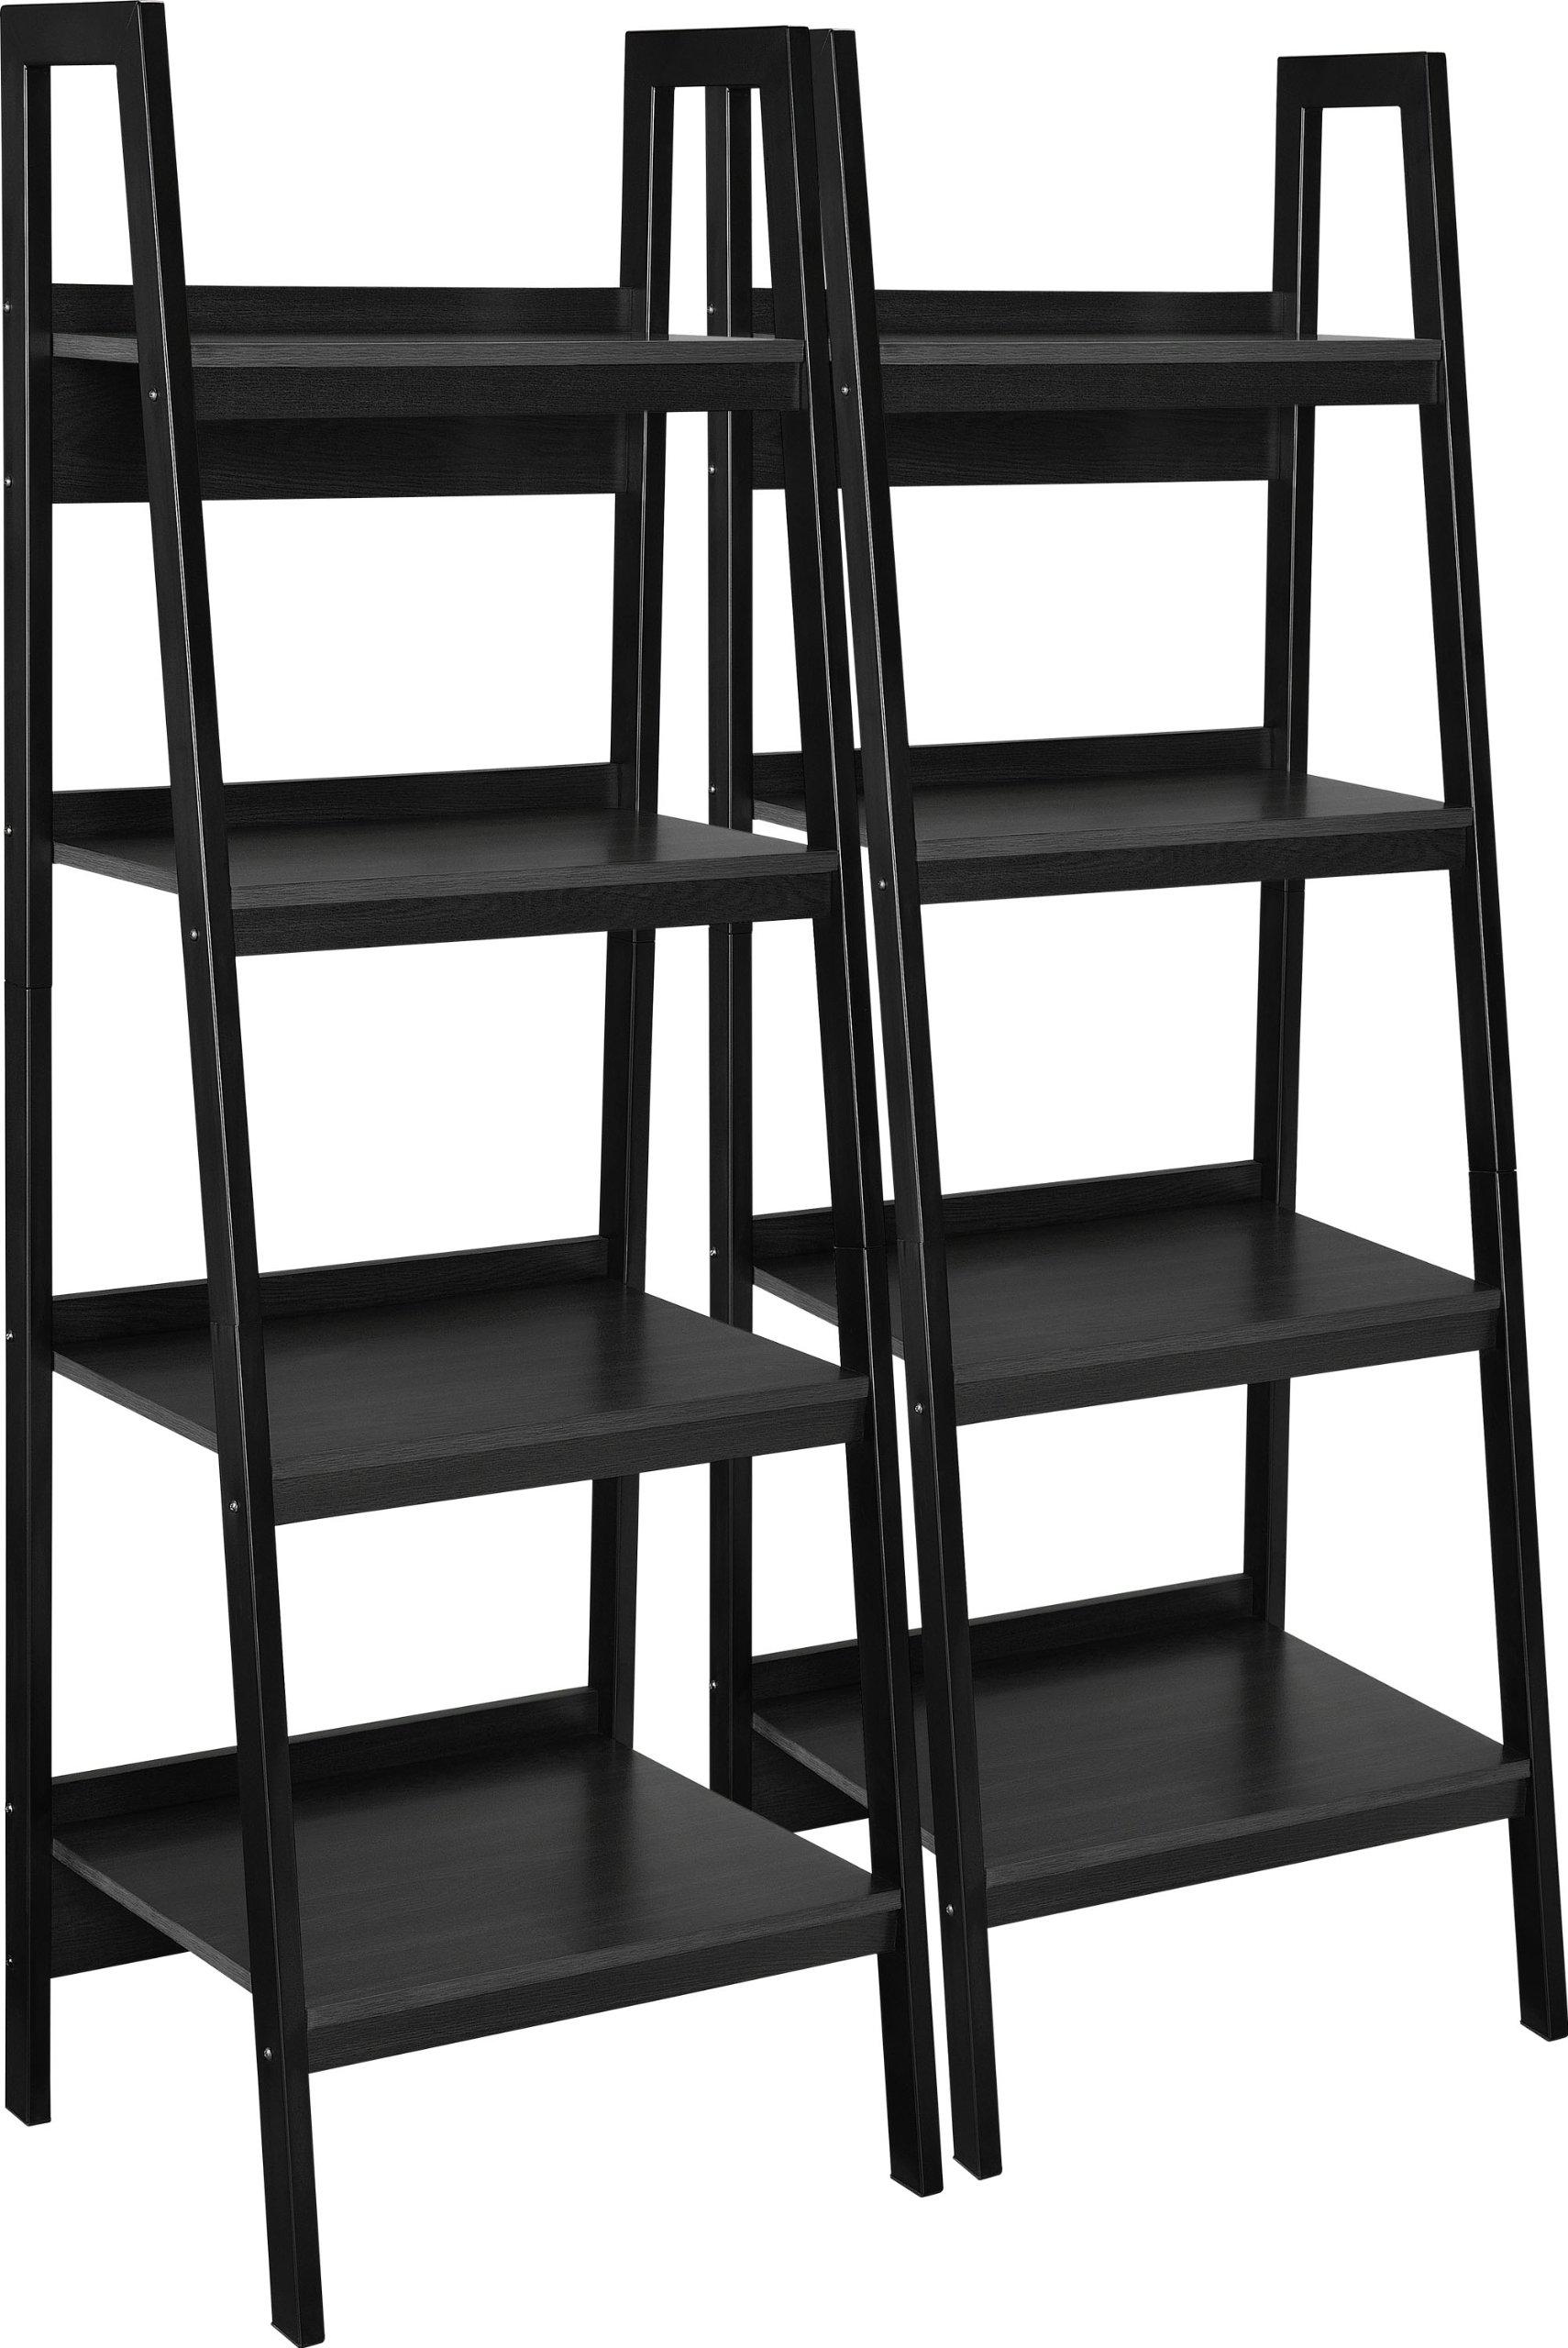 Ameriwood Home Lawrence 4 Shelf Ladder Bookcase Bundle, Black by Ameriwood Home